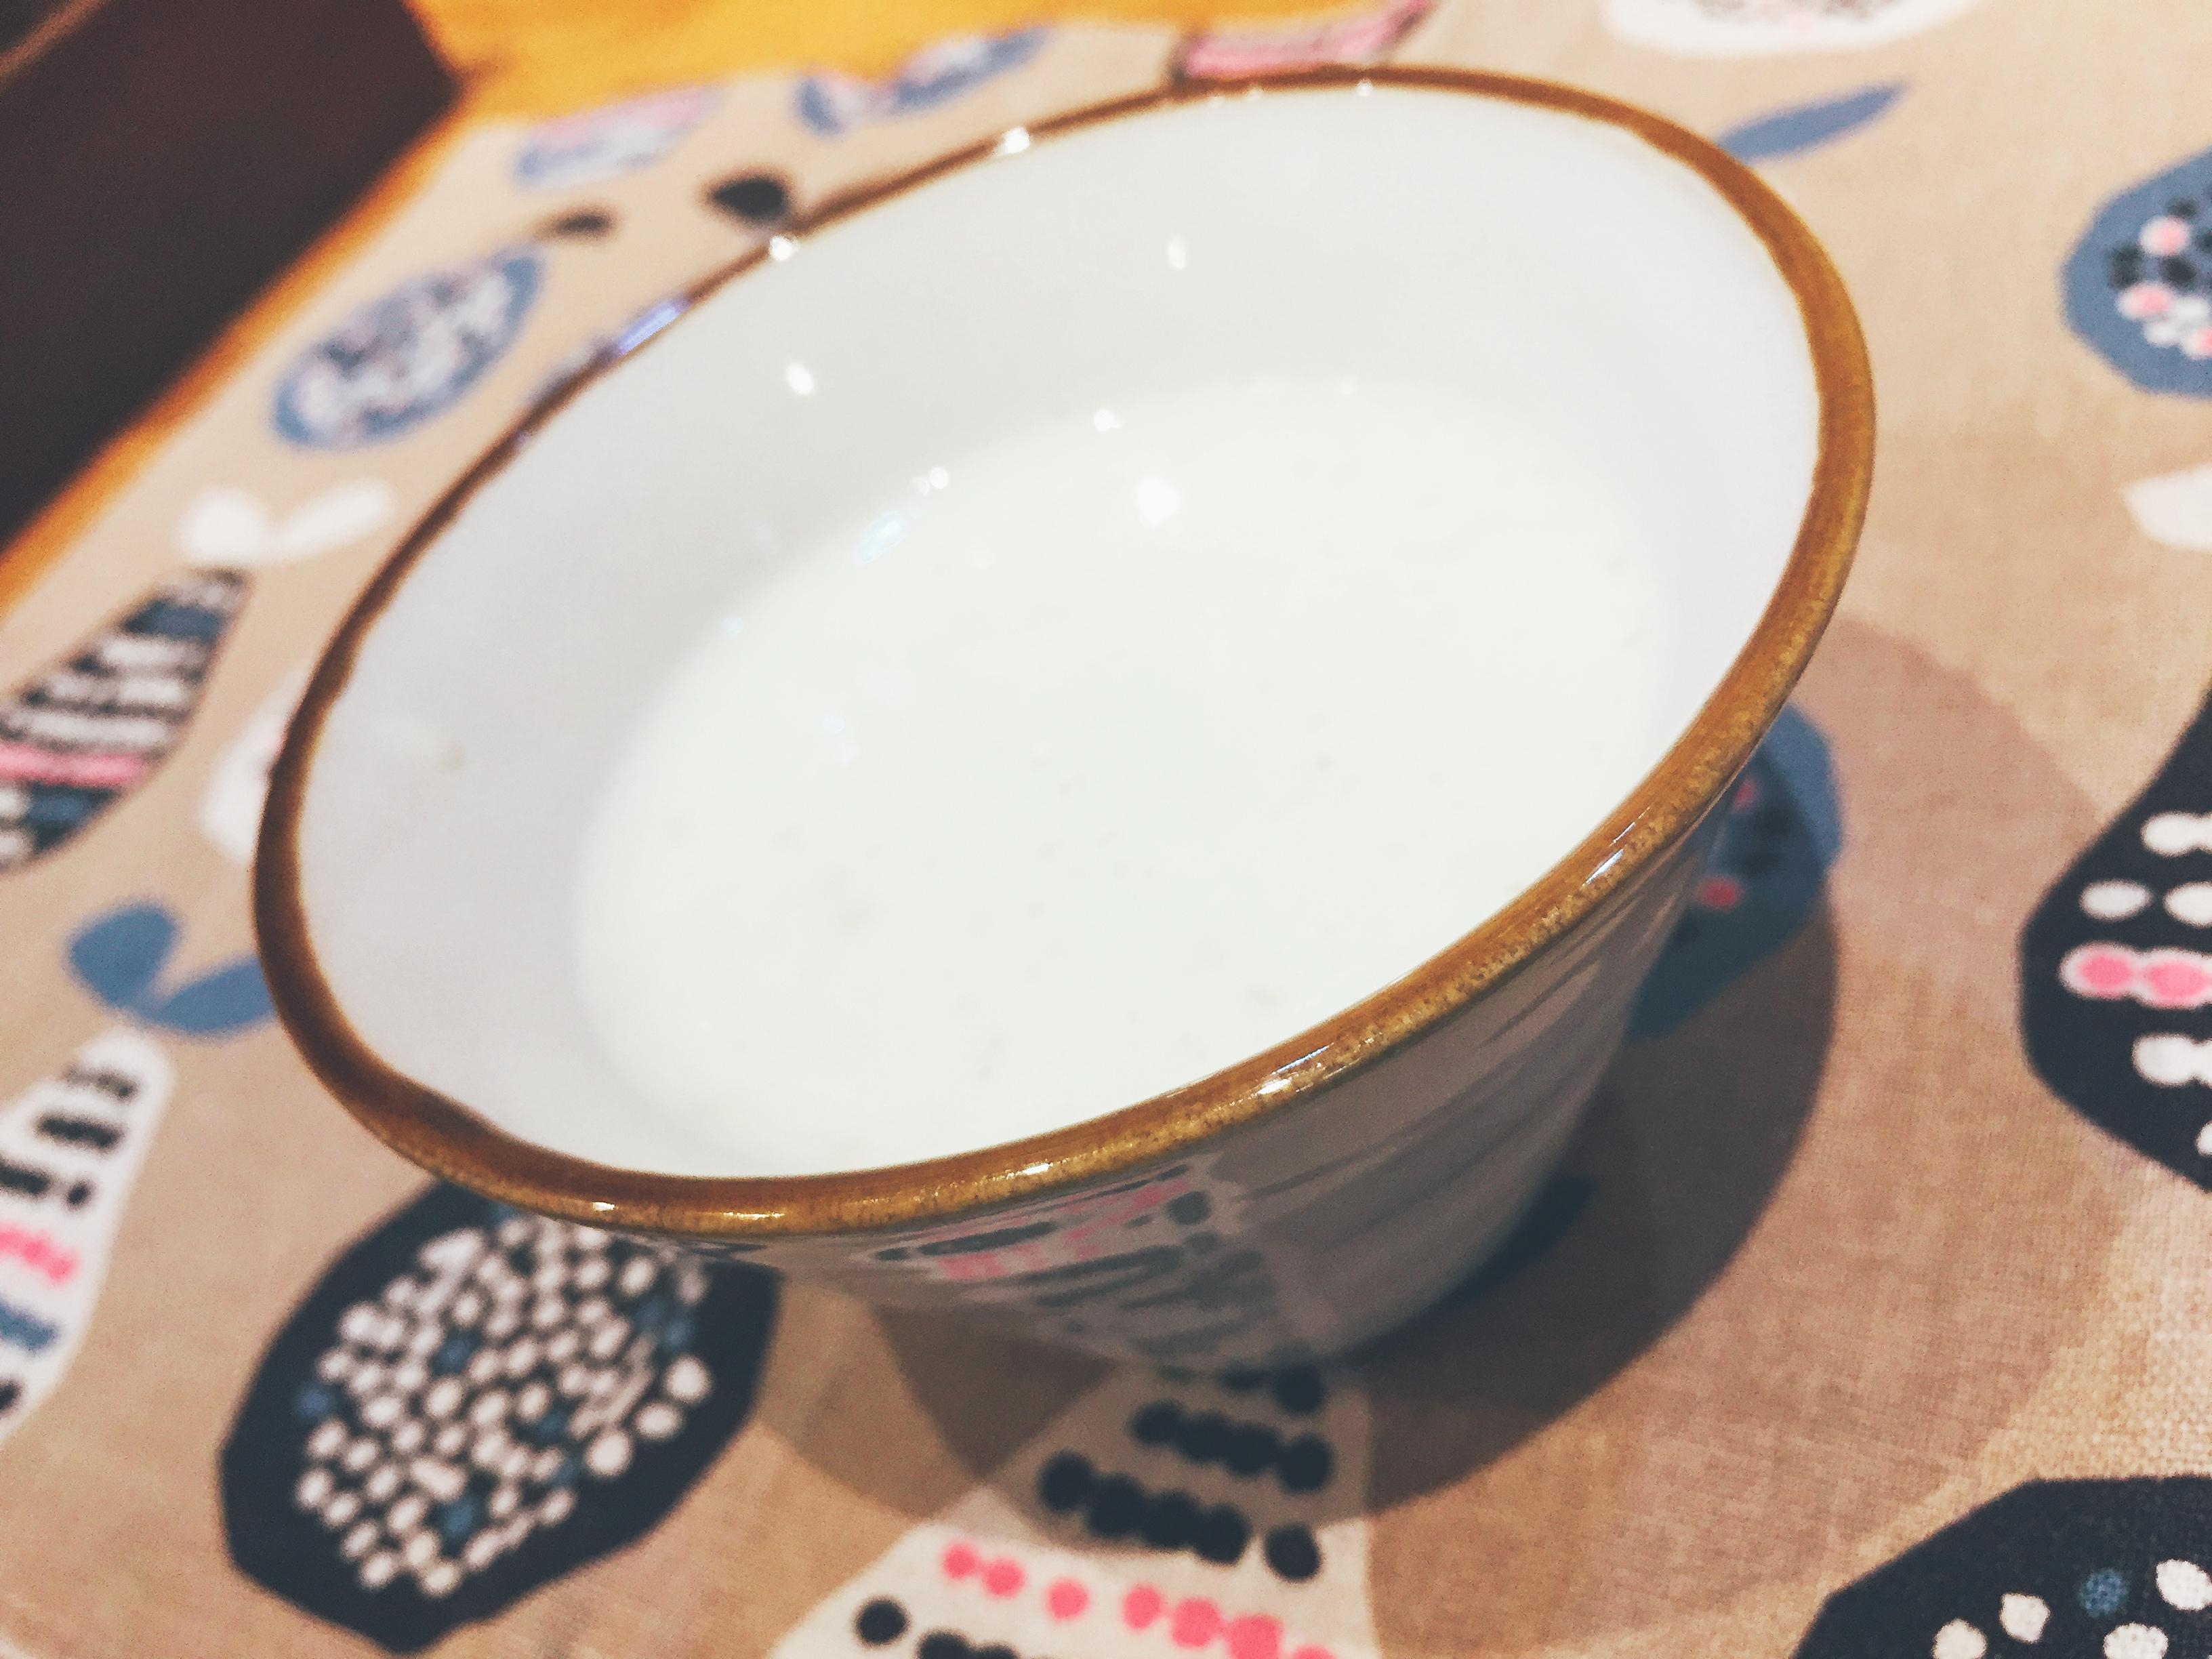 【閉店】上前津のかわいすぎる小さなカフェ「カフェ イチトニブンノイチ」に行ってきた - IMG 6620